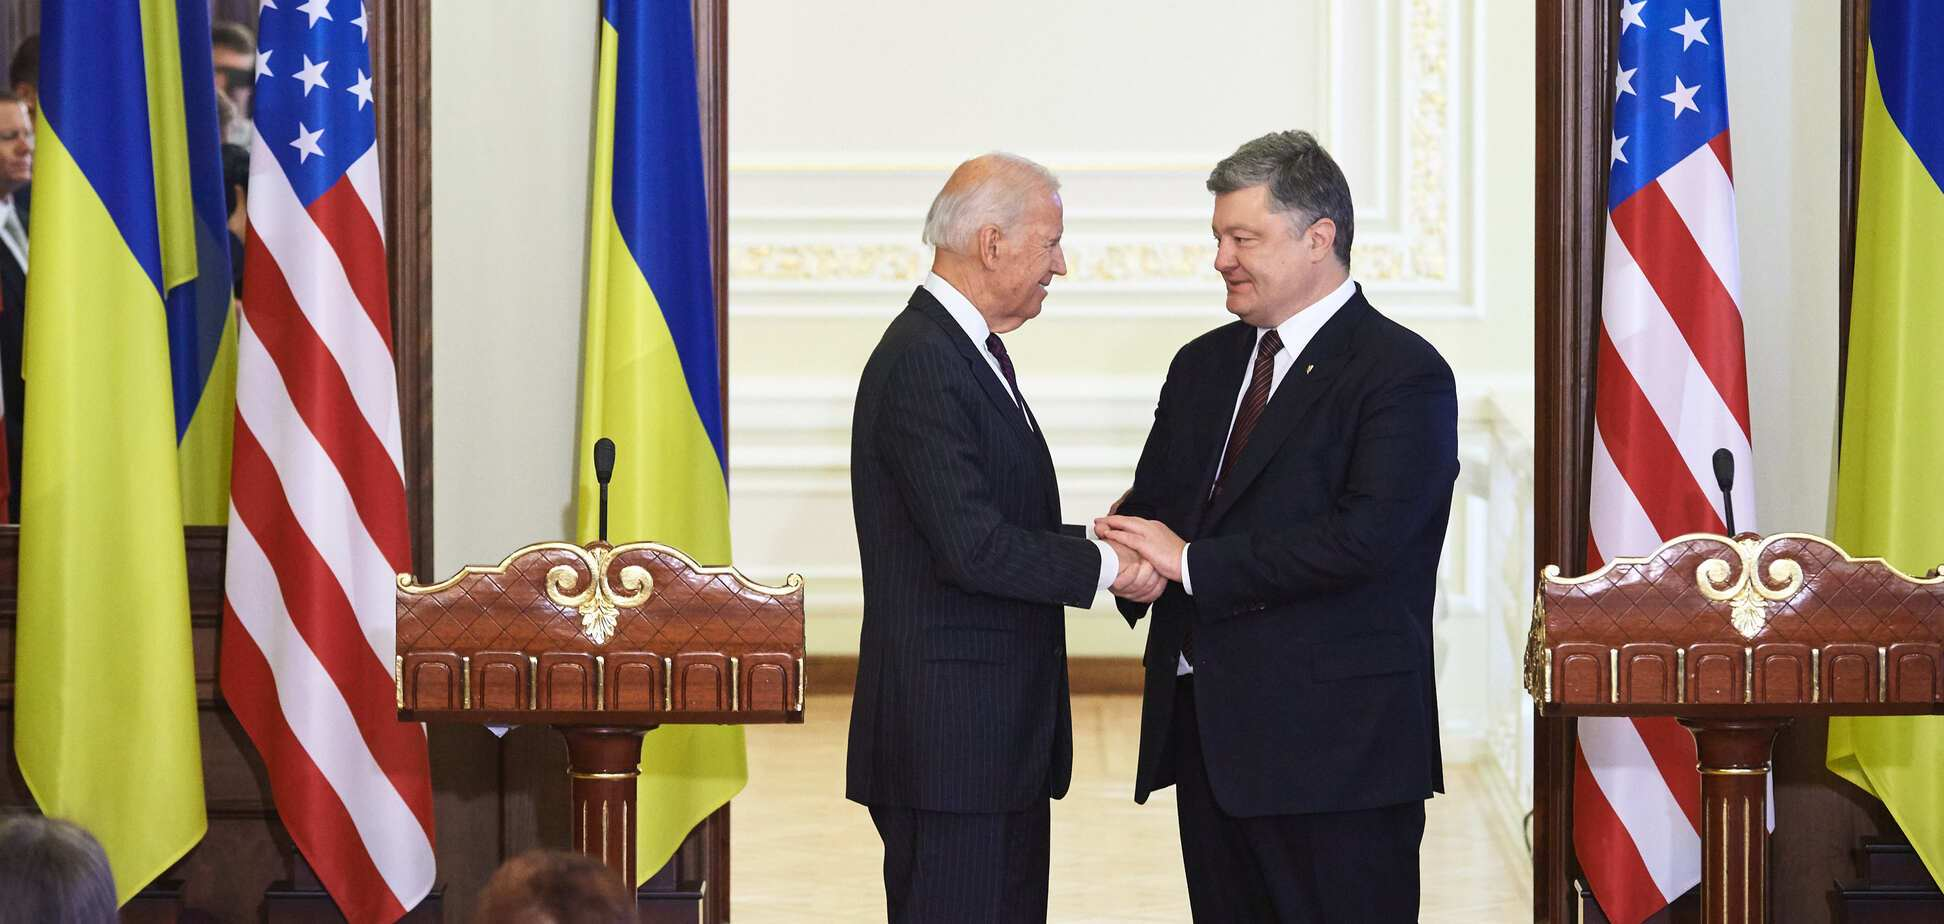 Сенат США принял окончательное решение по летальному оружию для Украины